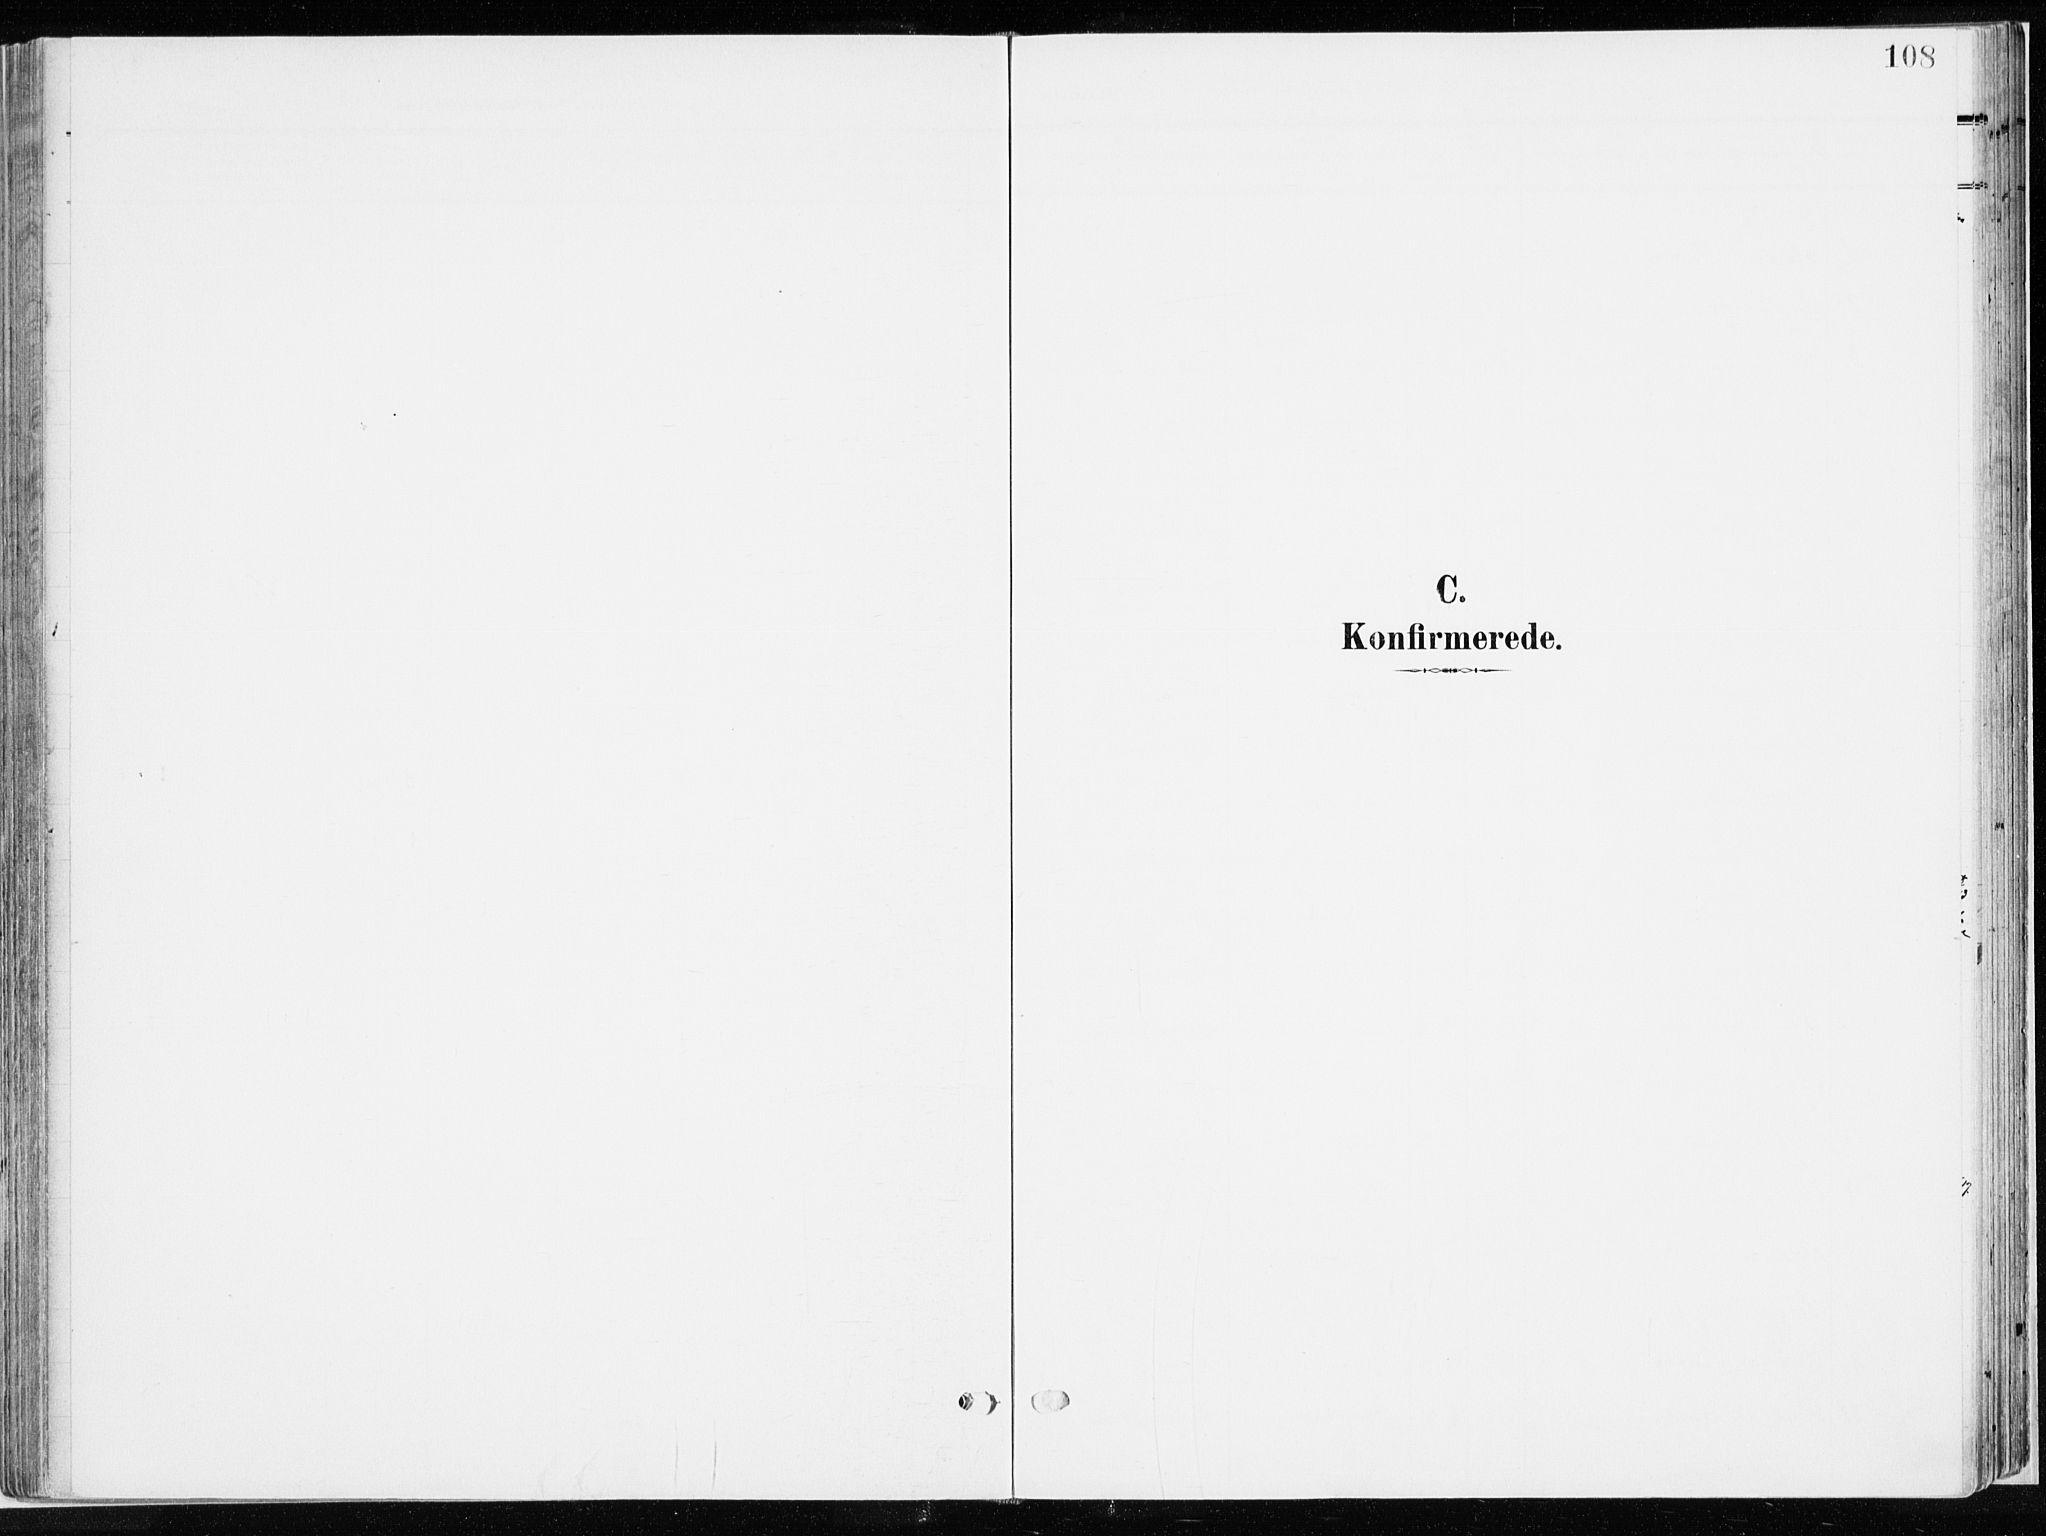 SAH, Ringsaker prestekontor, K/Ka/L0019: Ministerialbok nr. 19, 1905-1920, s. 108